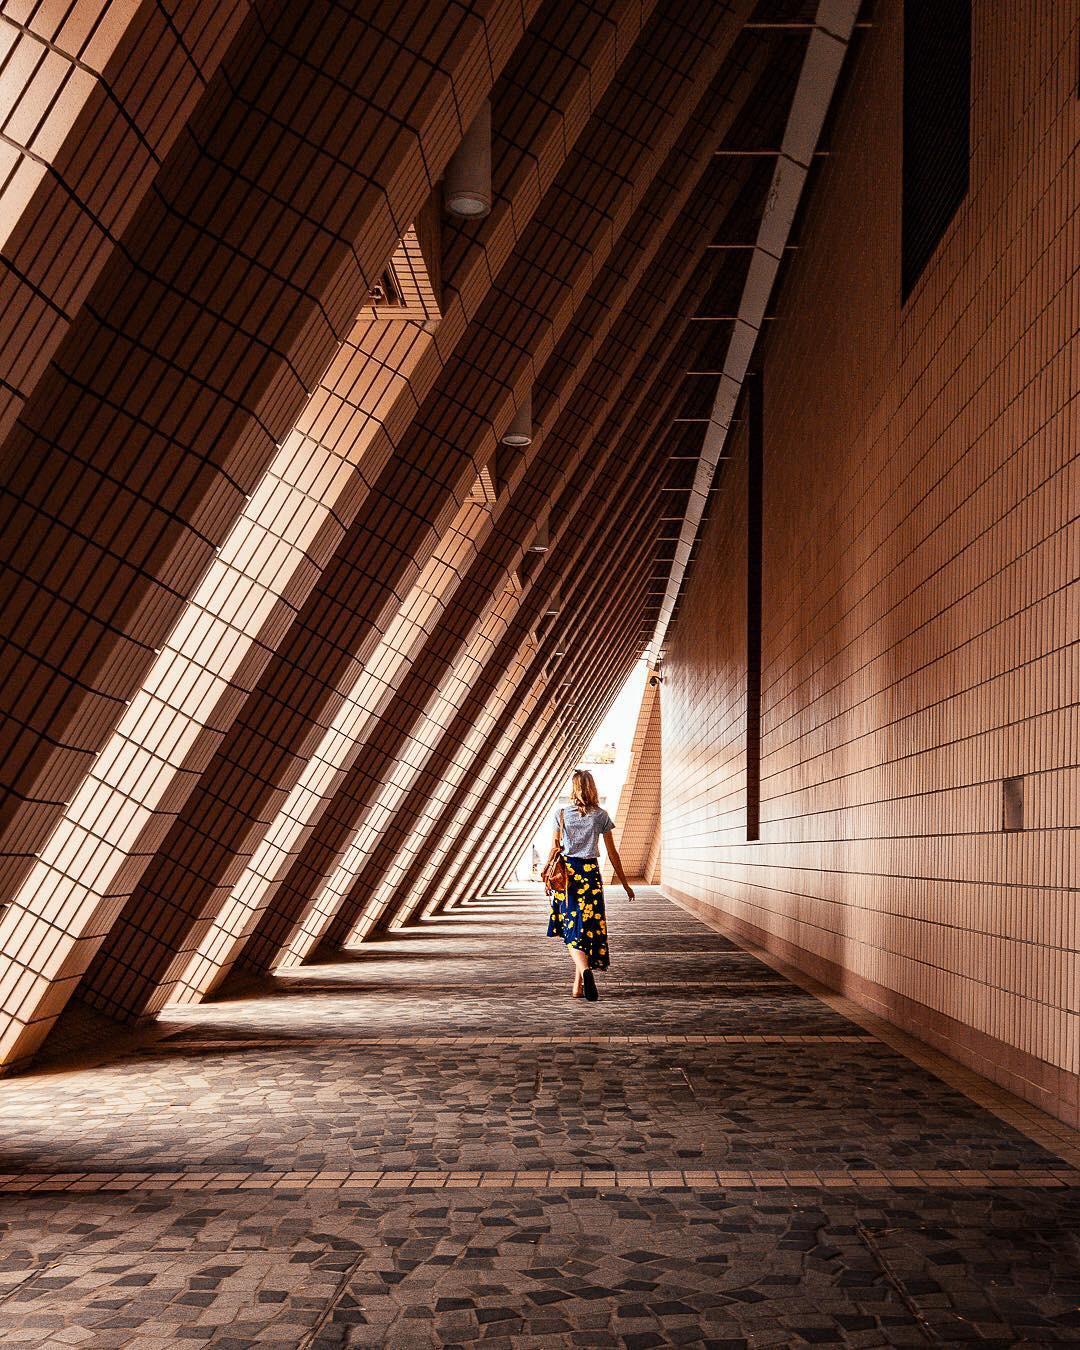 Tất tần tật những gì bạn cần biết về bức tường được giới trẻ Việt check-in ầm ầm ở Hong Kong! - Ảnh 13.